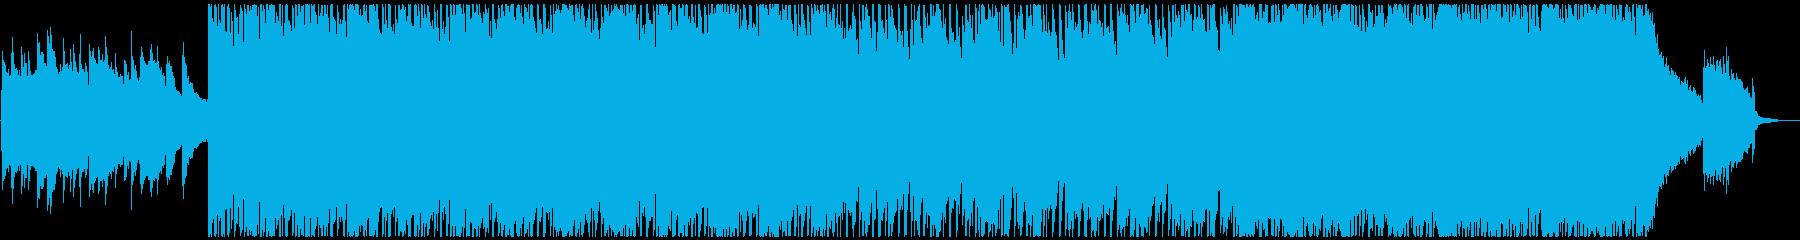 ゆったりした切ないテクノポップの再生済みの波形